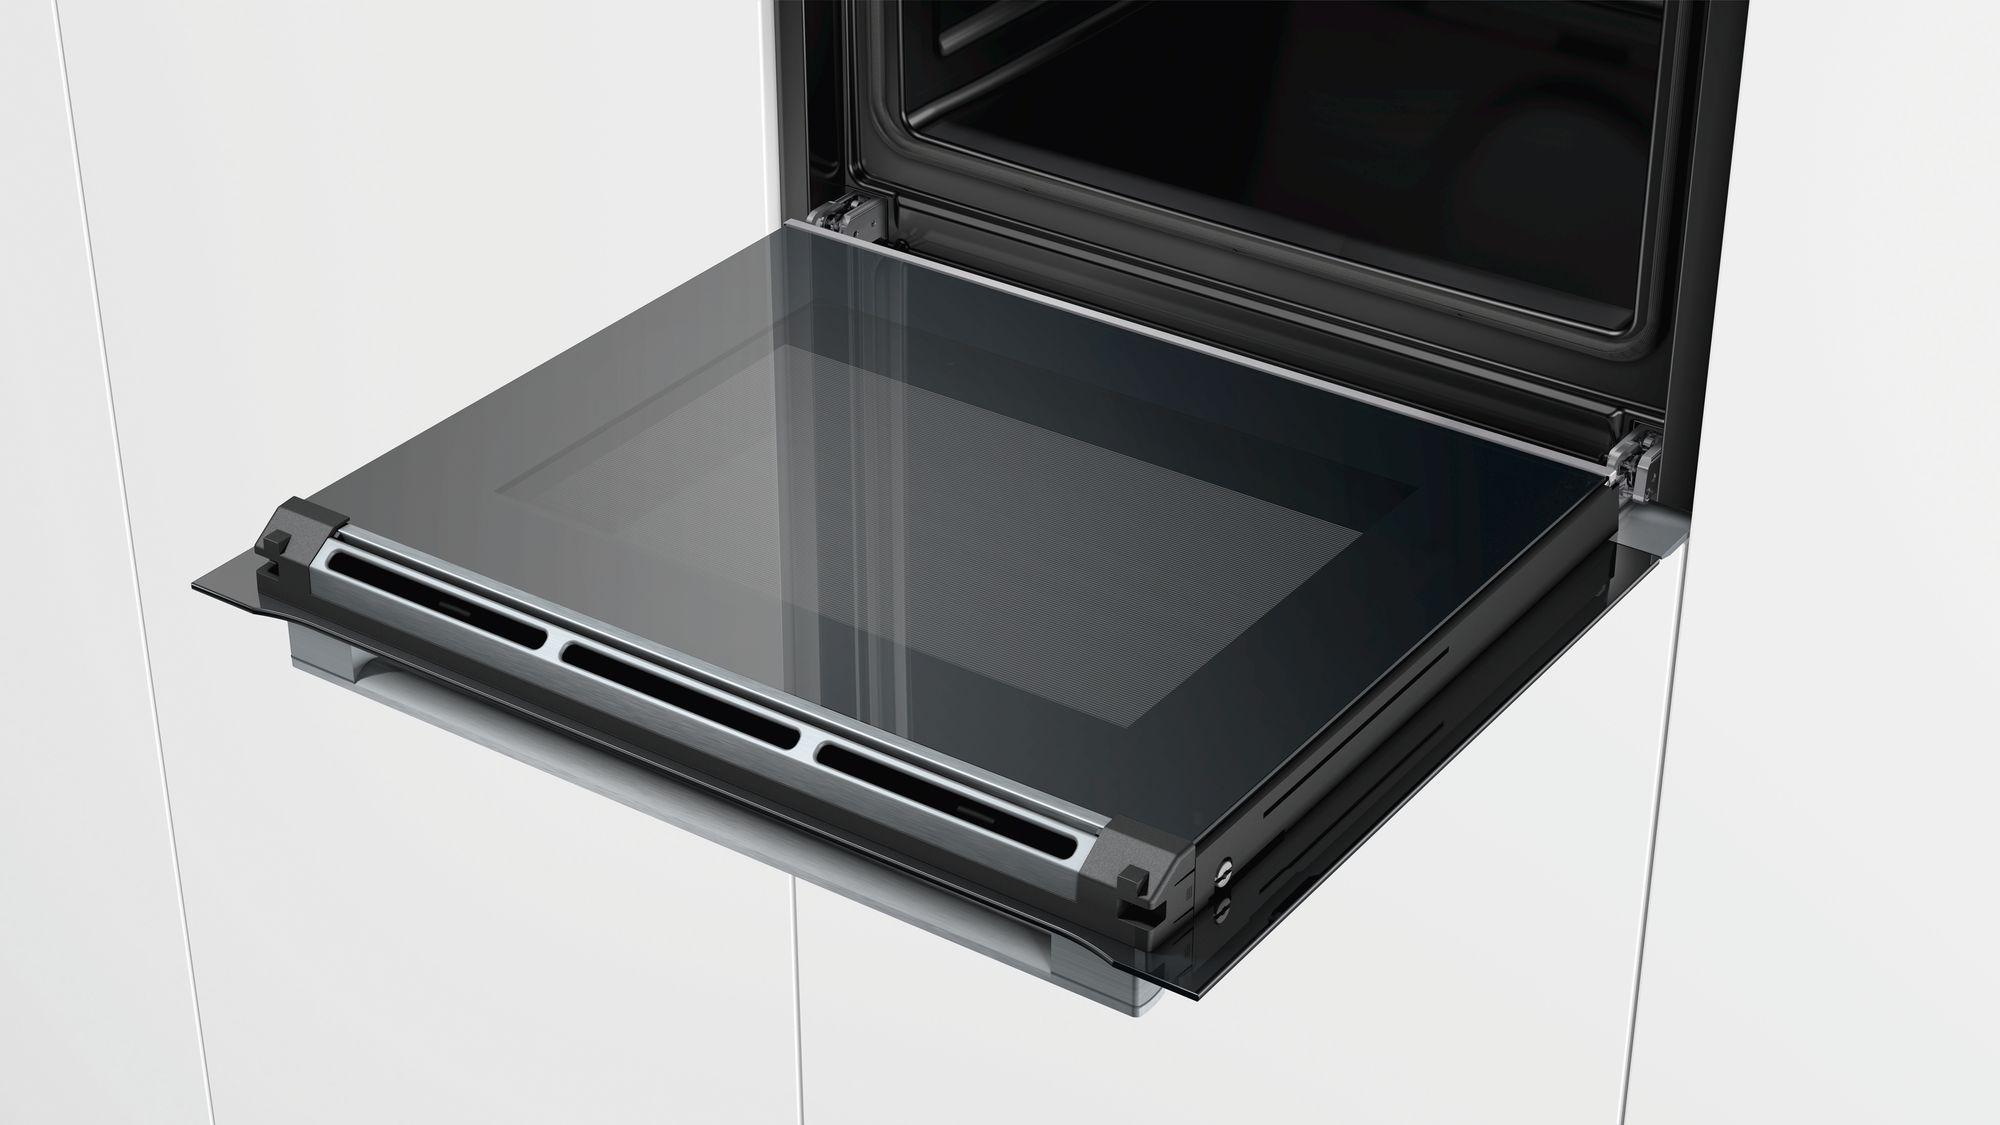 духовой шкаф Bosch производство германия купить